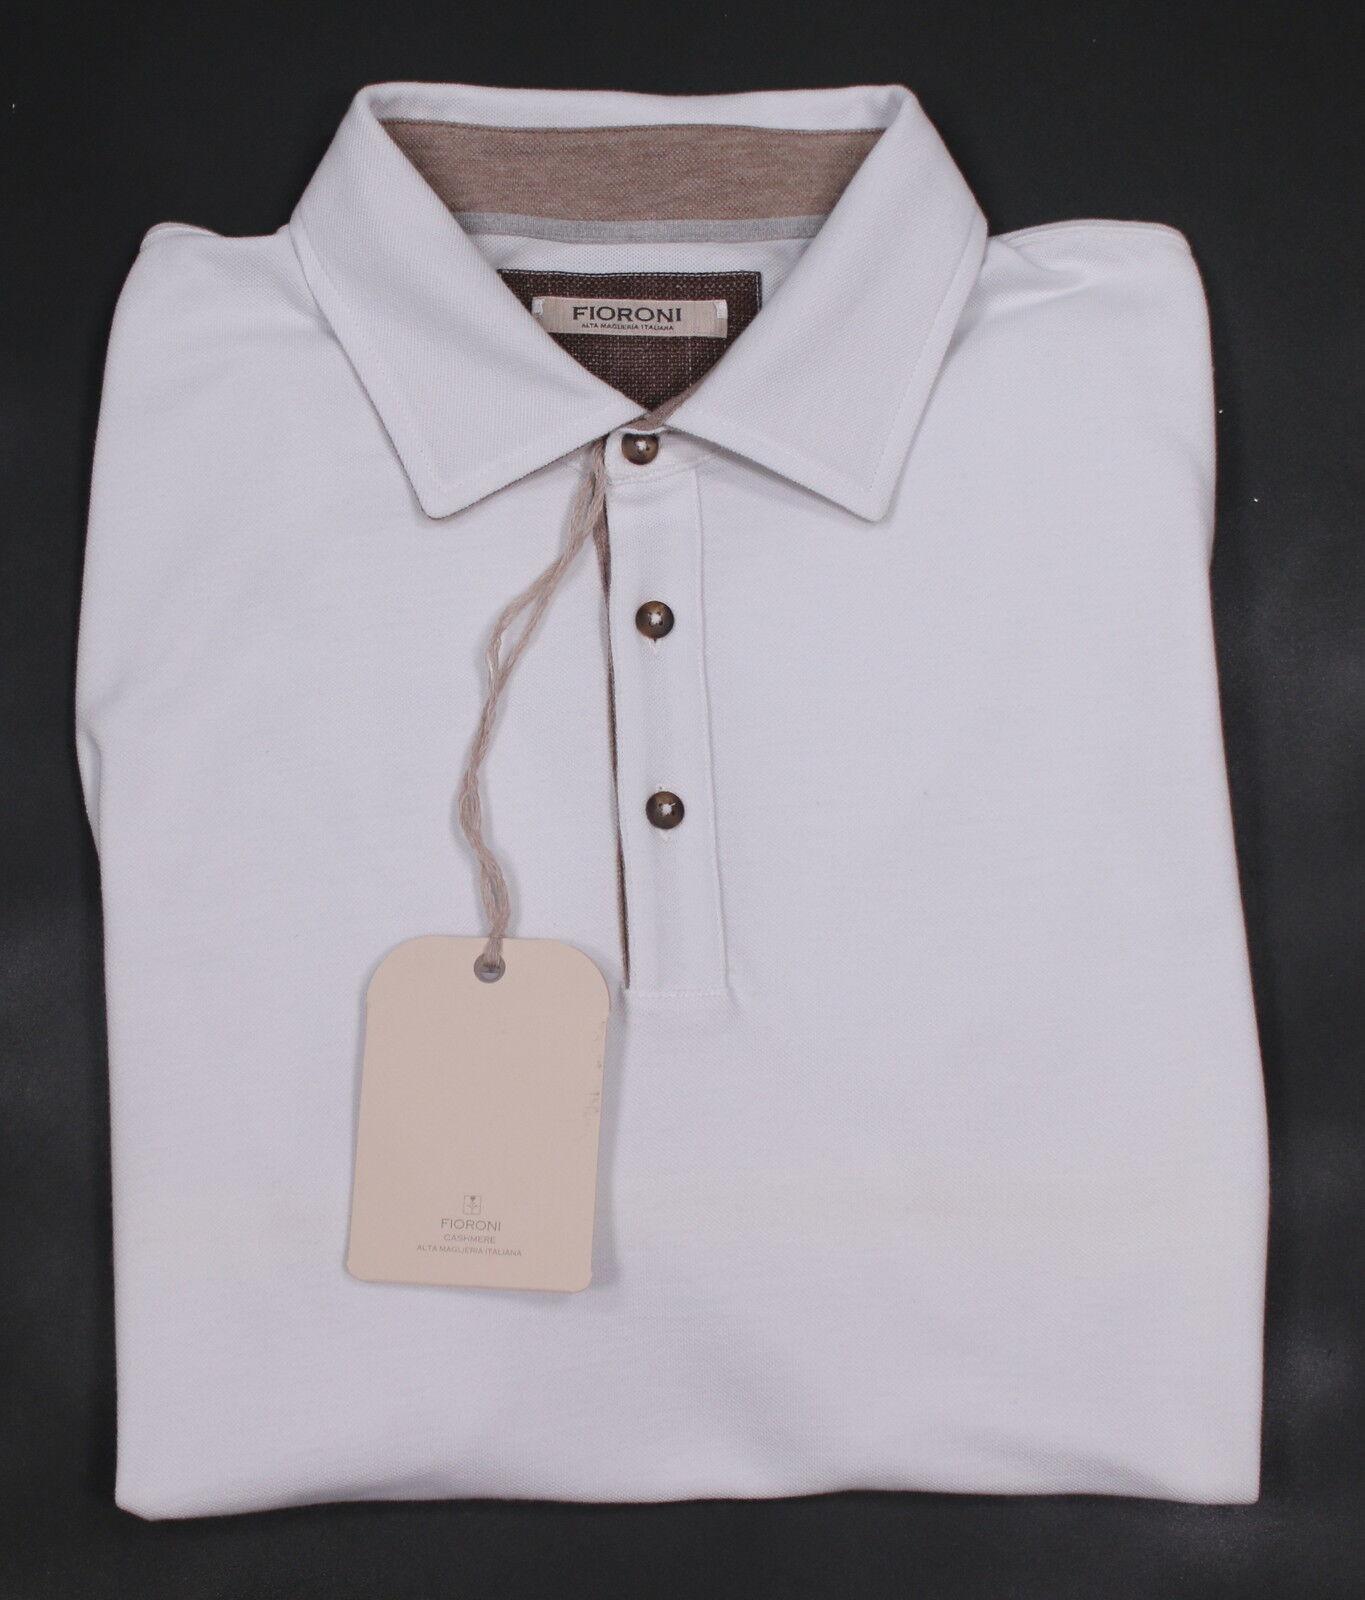 Nwt Neu FiGoldni Einfarbig Weiß Dünnes Netz- Baumwolle Baumwolle Baumwolle Polohemd (Eu 58) 48  | Ausreichende Versorgung  e1cb3d